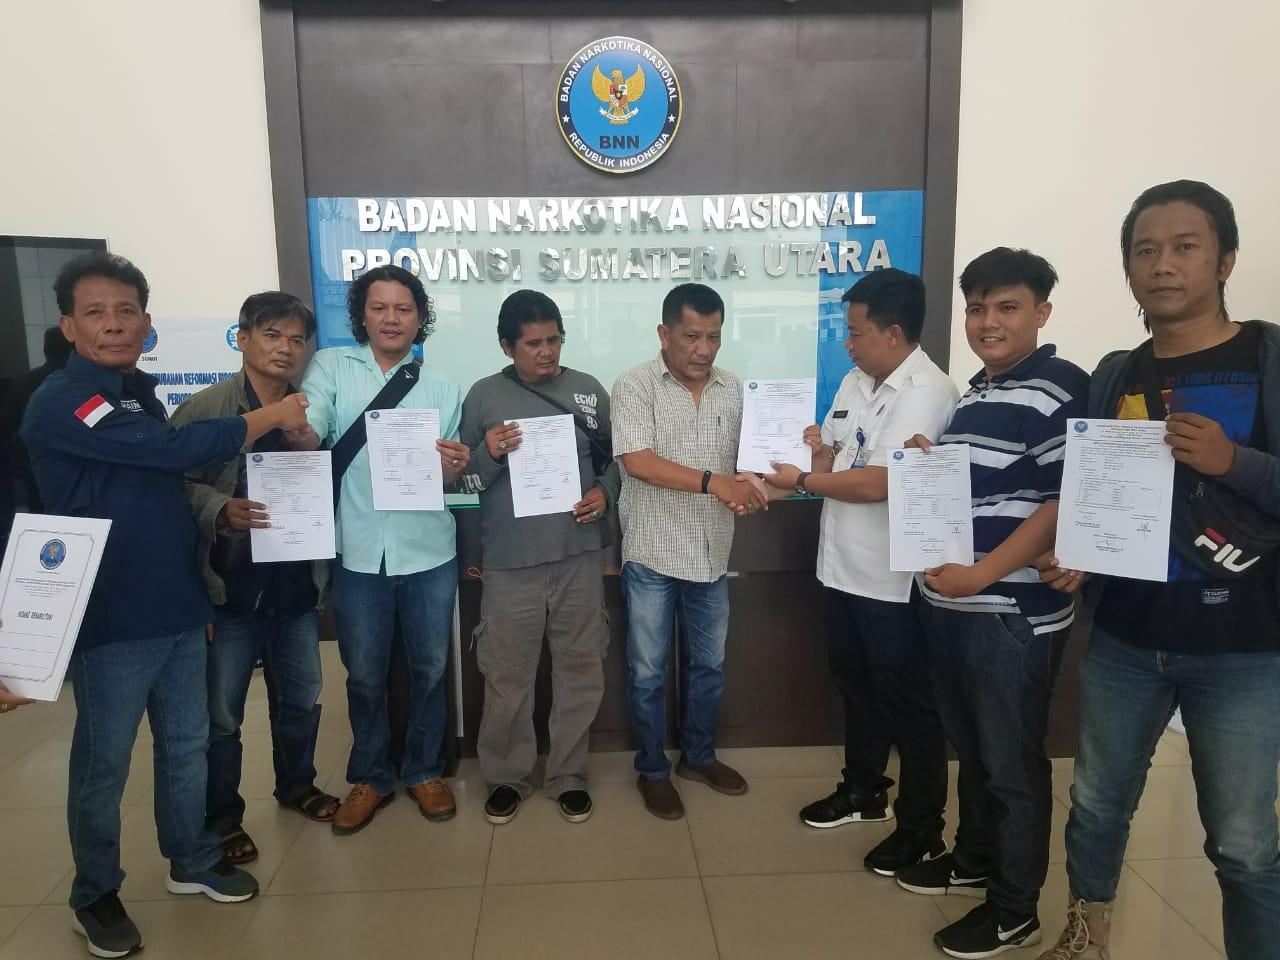 SERAHKAN: Kabid Pemberantasan Narkotika BNNP Sumut AKBP Agus Halimudin saat menyerahkan surat bebas narkoba ke Ketua Wartawan Unit Polrestabes Medan, Iwan Suherman.